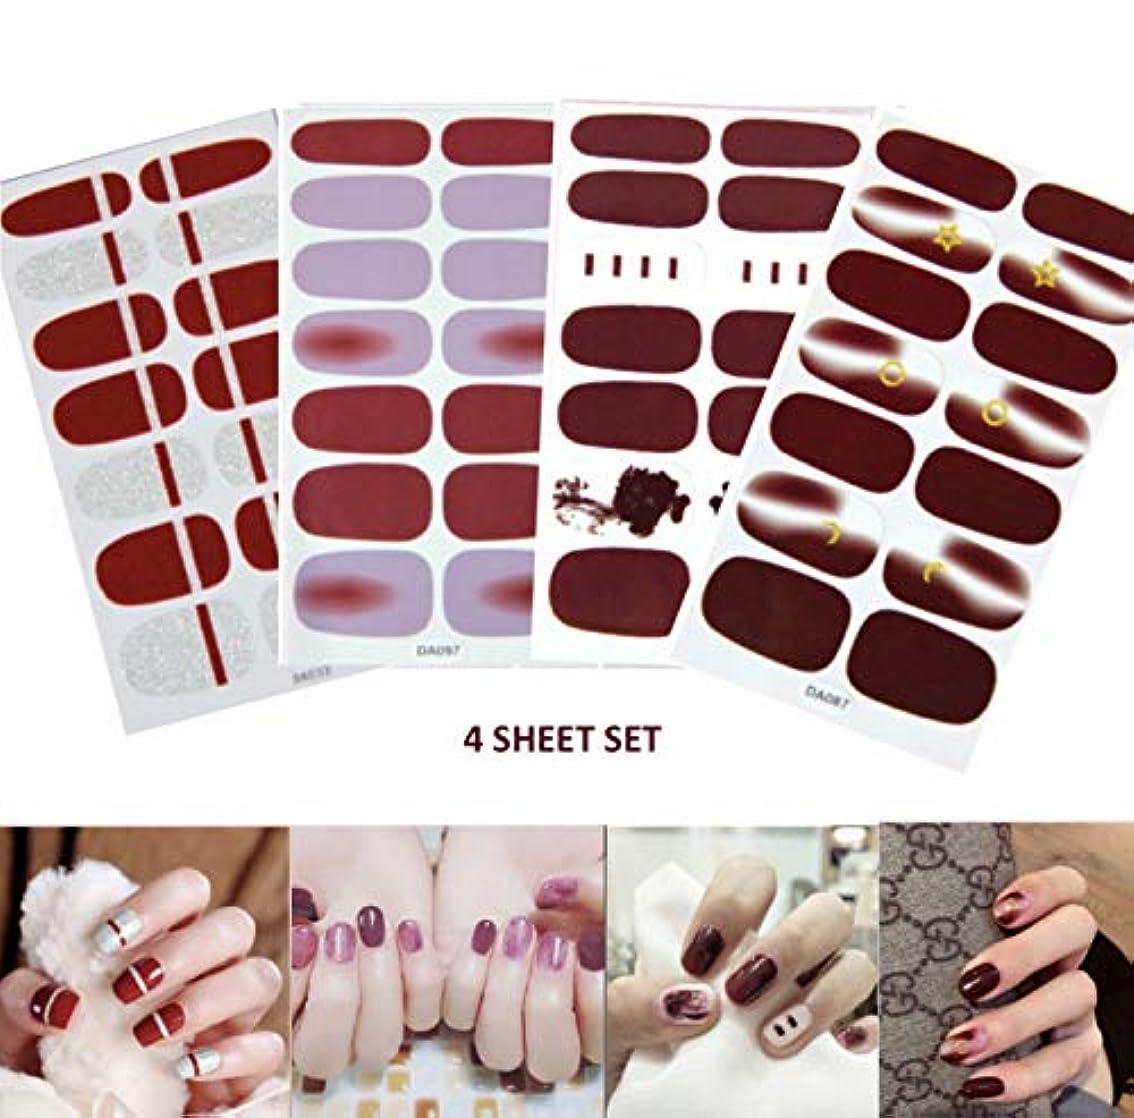 プレフィックスフライトスペードBEATON JAPAN ネイル シール 貼るだけ 簡単 4枚セット 56ピース 女子力アップ 白 花 ピンク ブラウン ゴージャス 可愛い (シックブラウン)